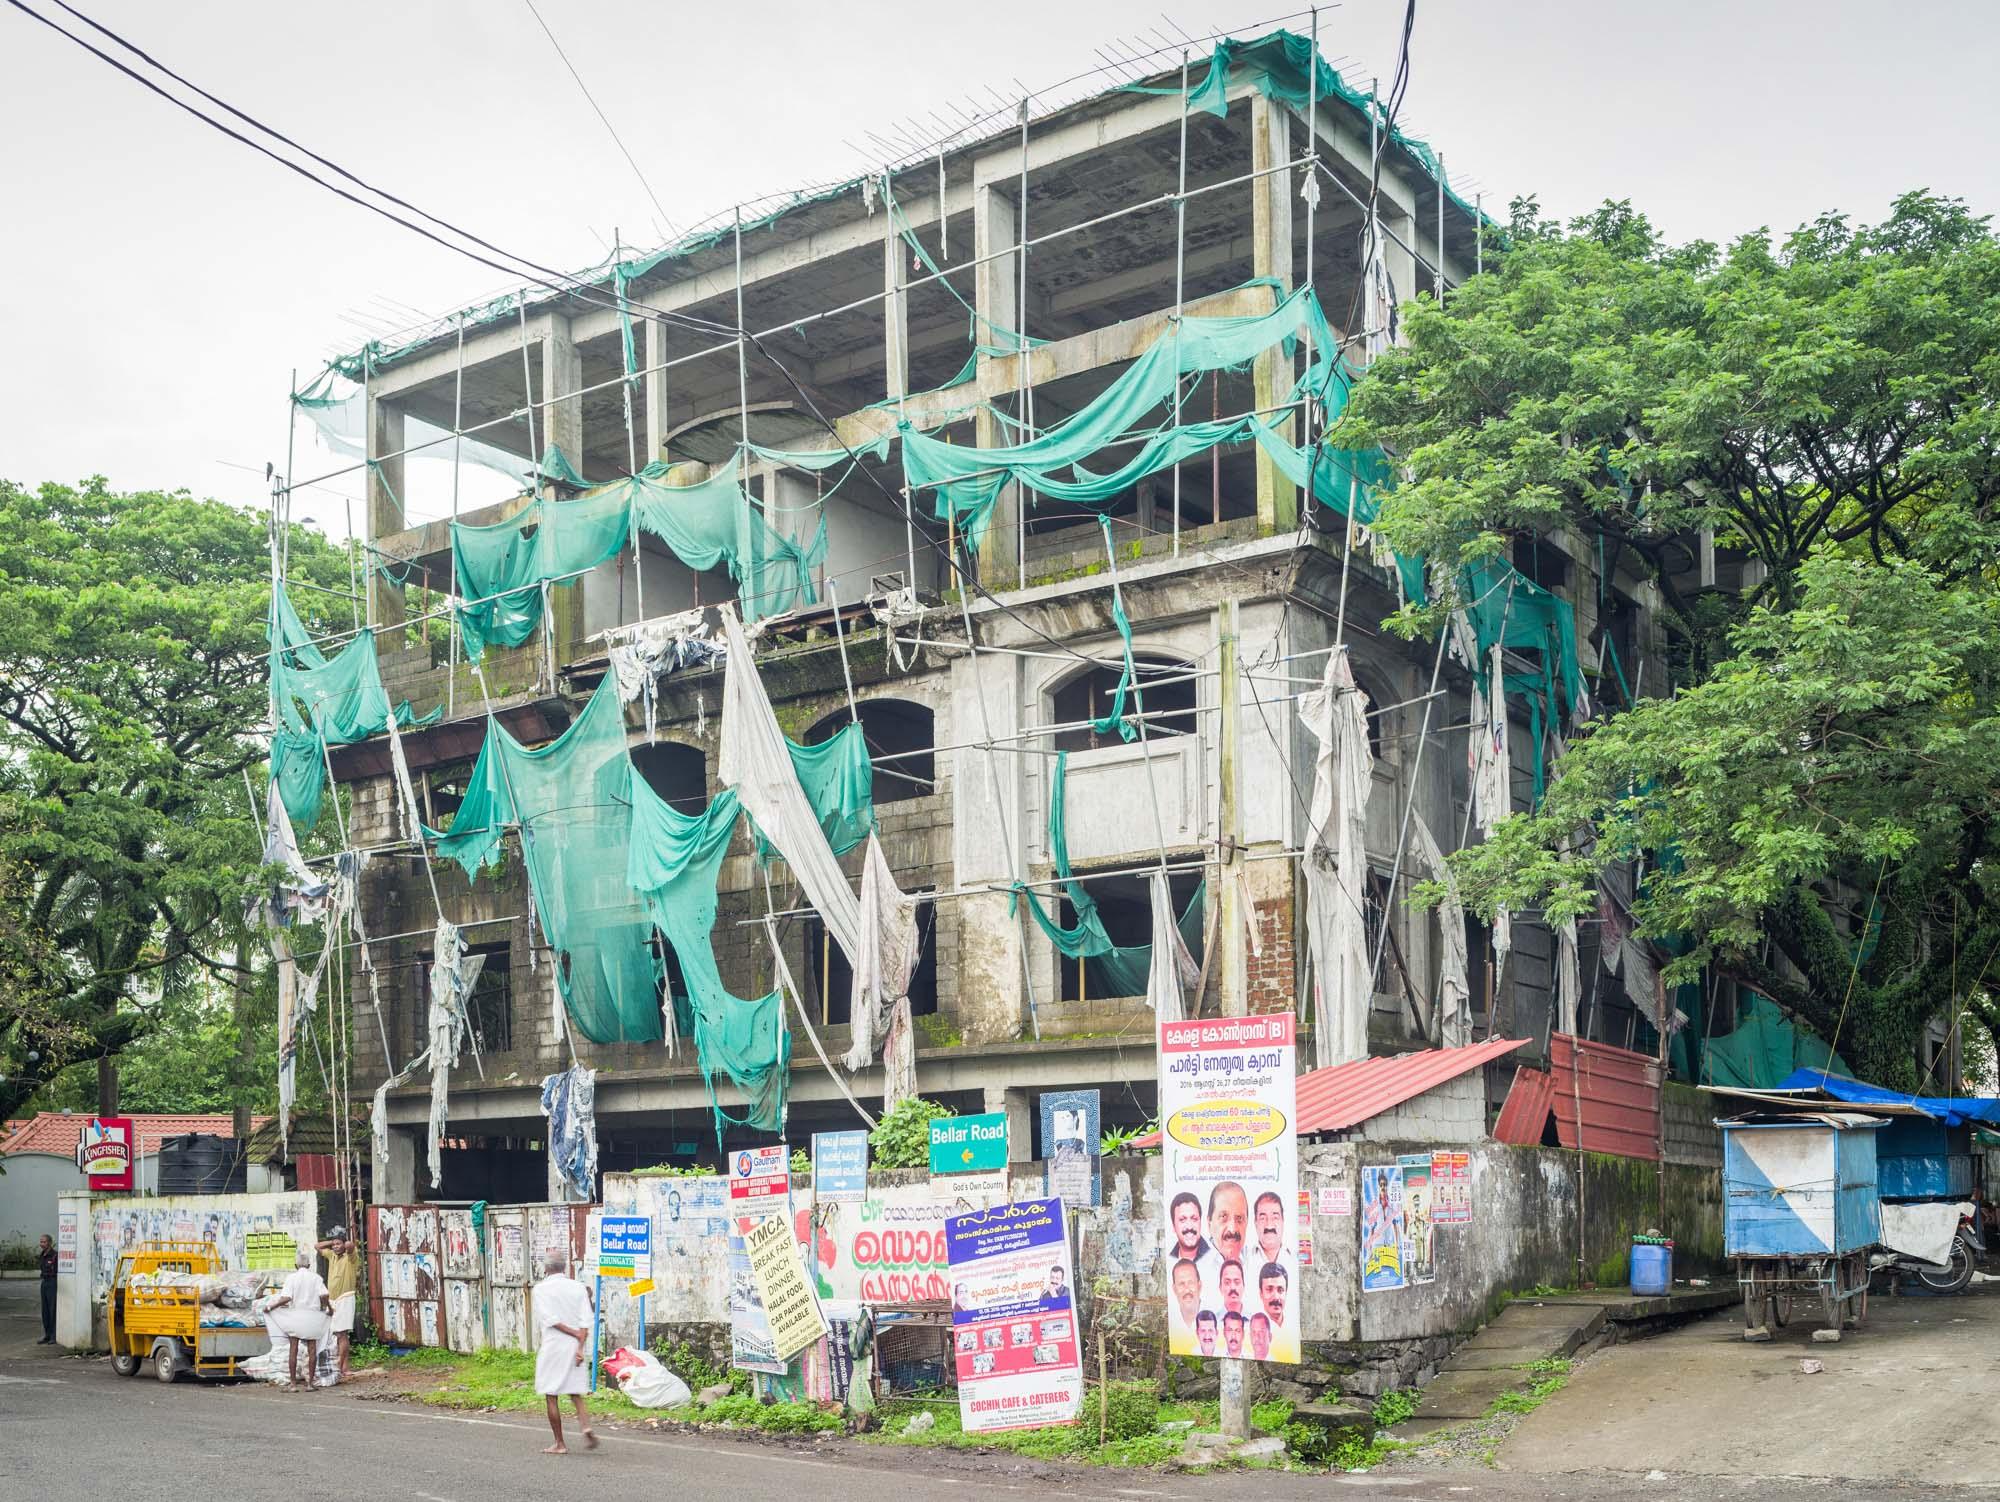 Kochi_0125.jpg